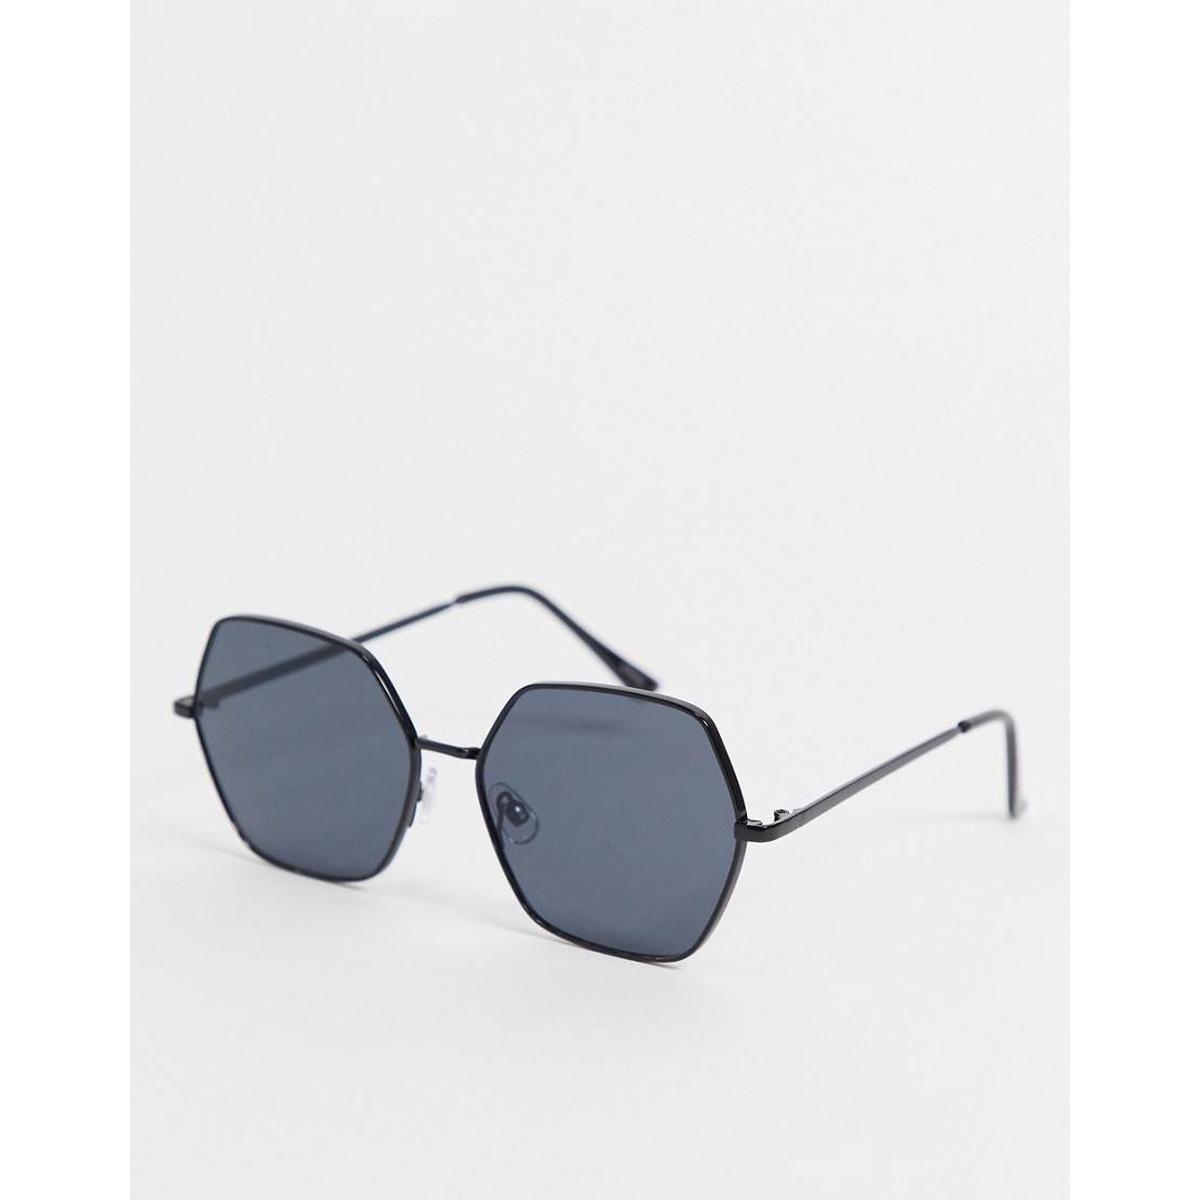 代购Madein 超大号方框太阳眼镜女2021新款奢侈品